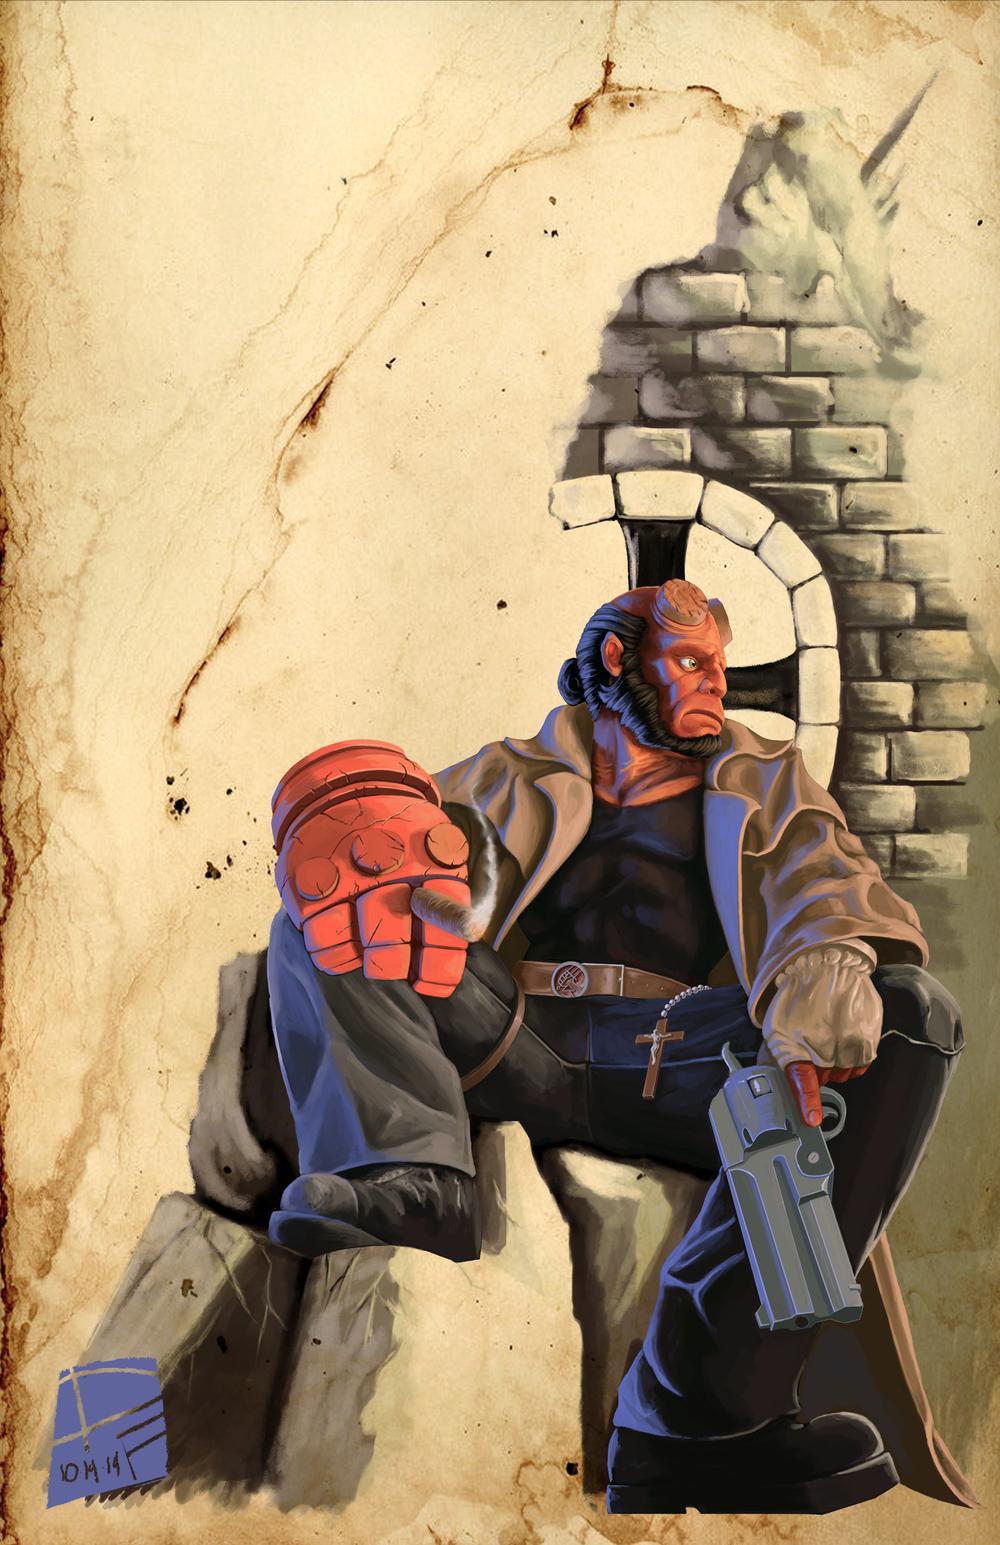 Hellboy_Resized_NoText.jpg